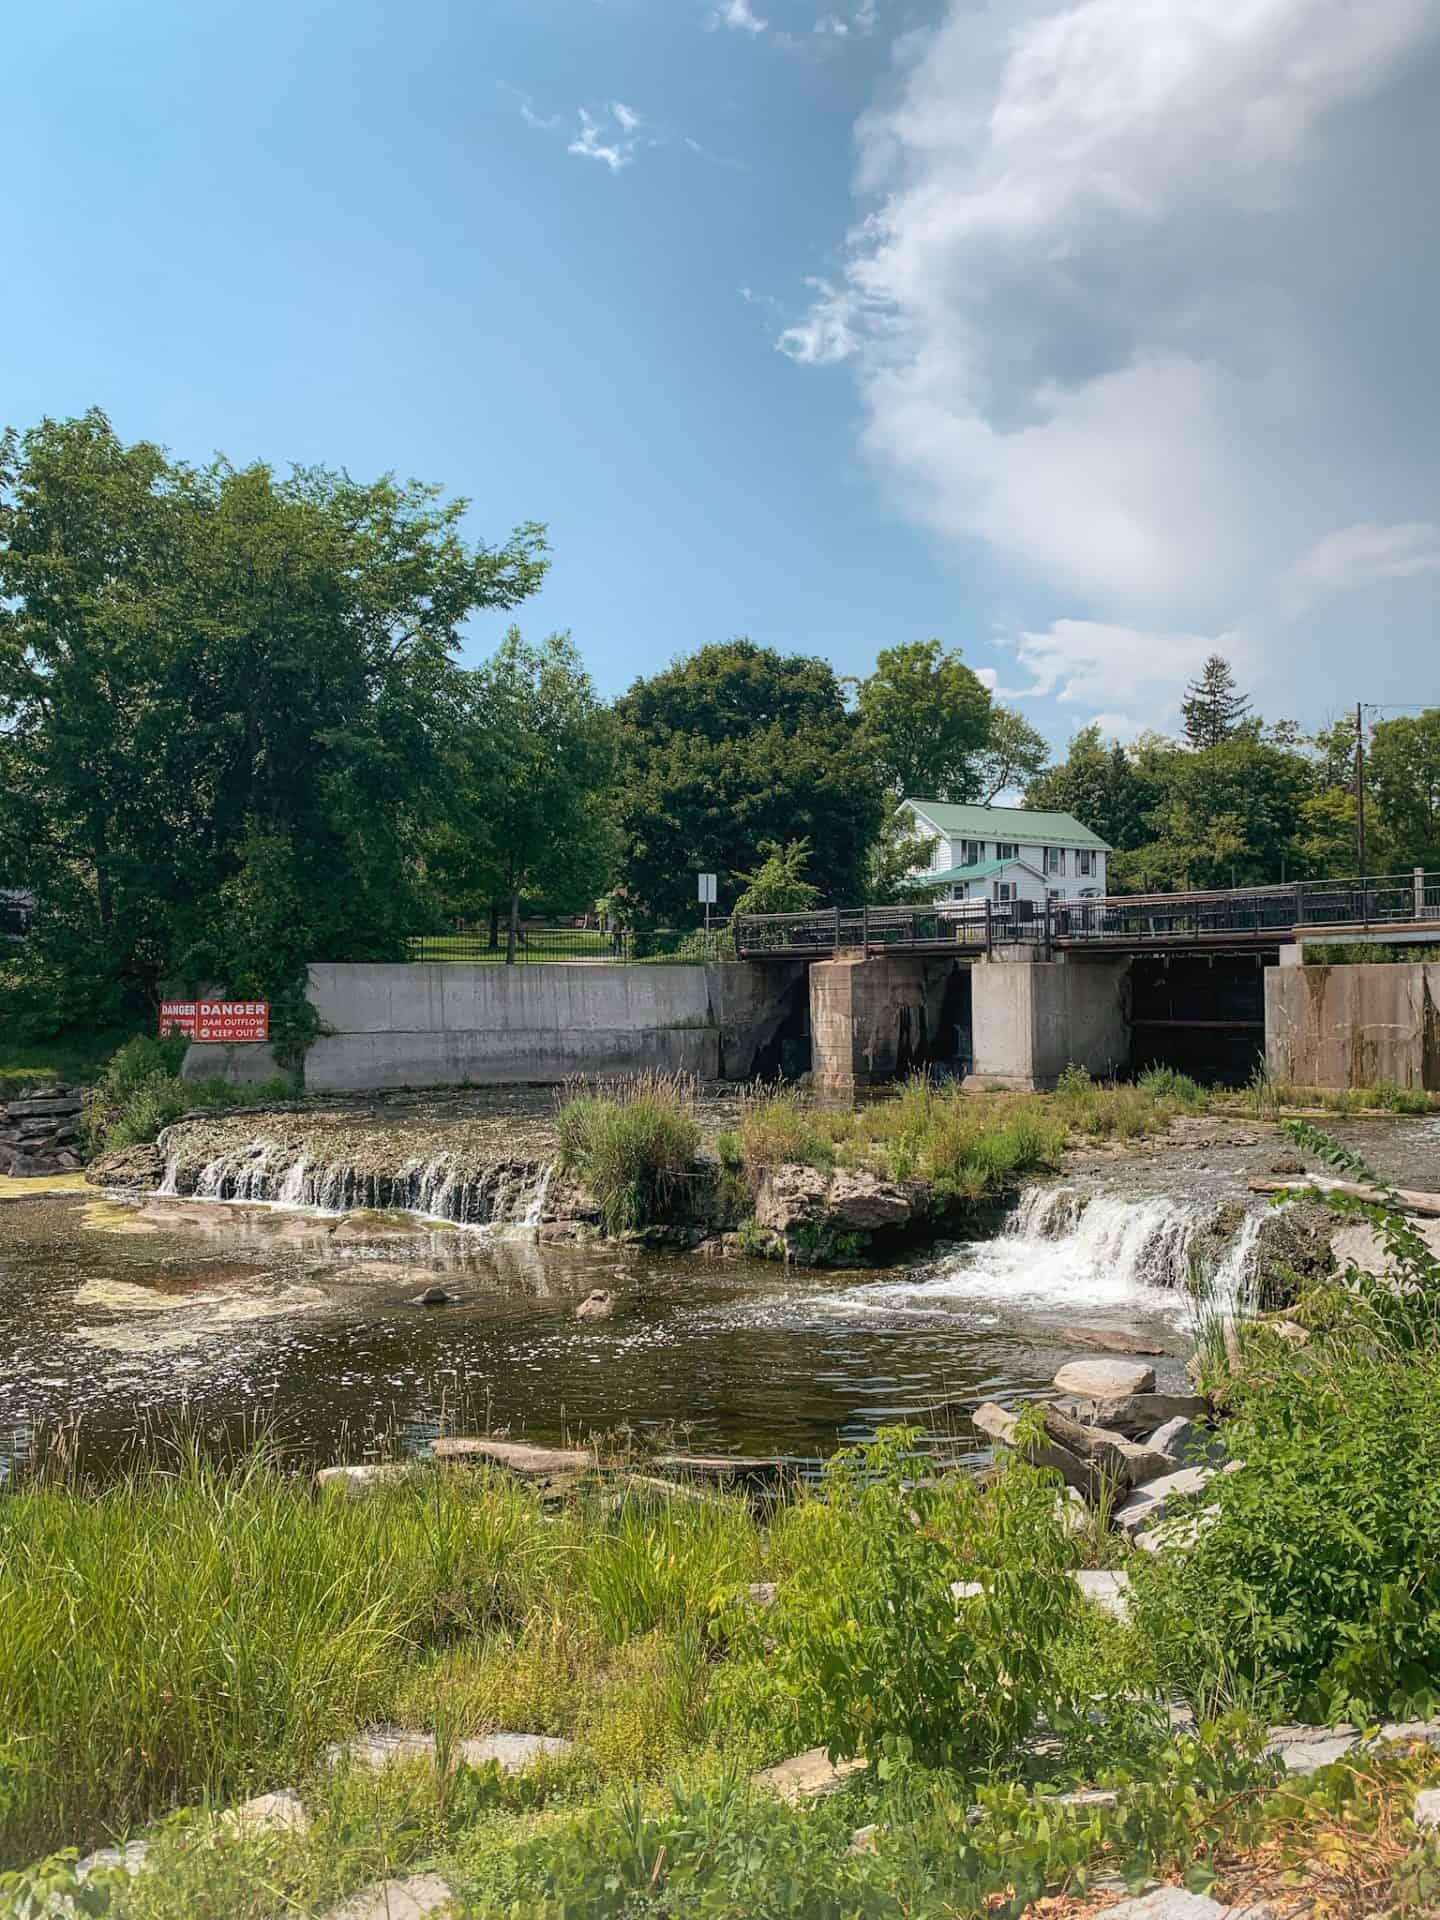 Confederation Park in Gananoque, Ontario